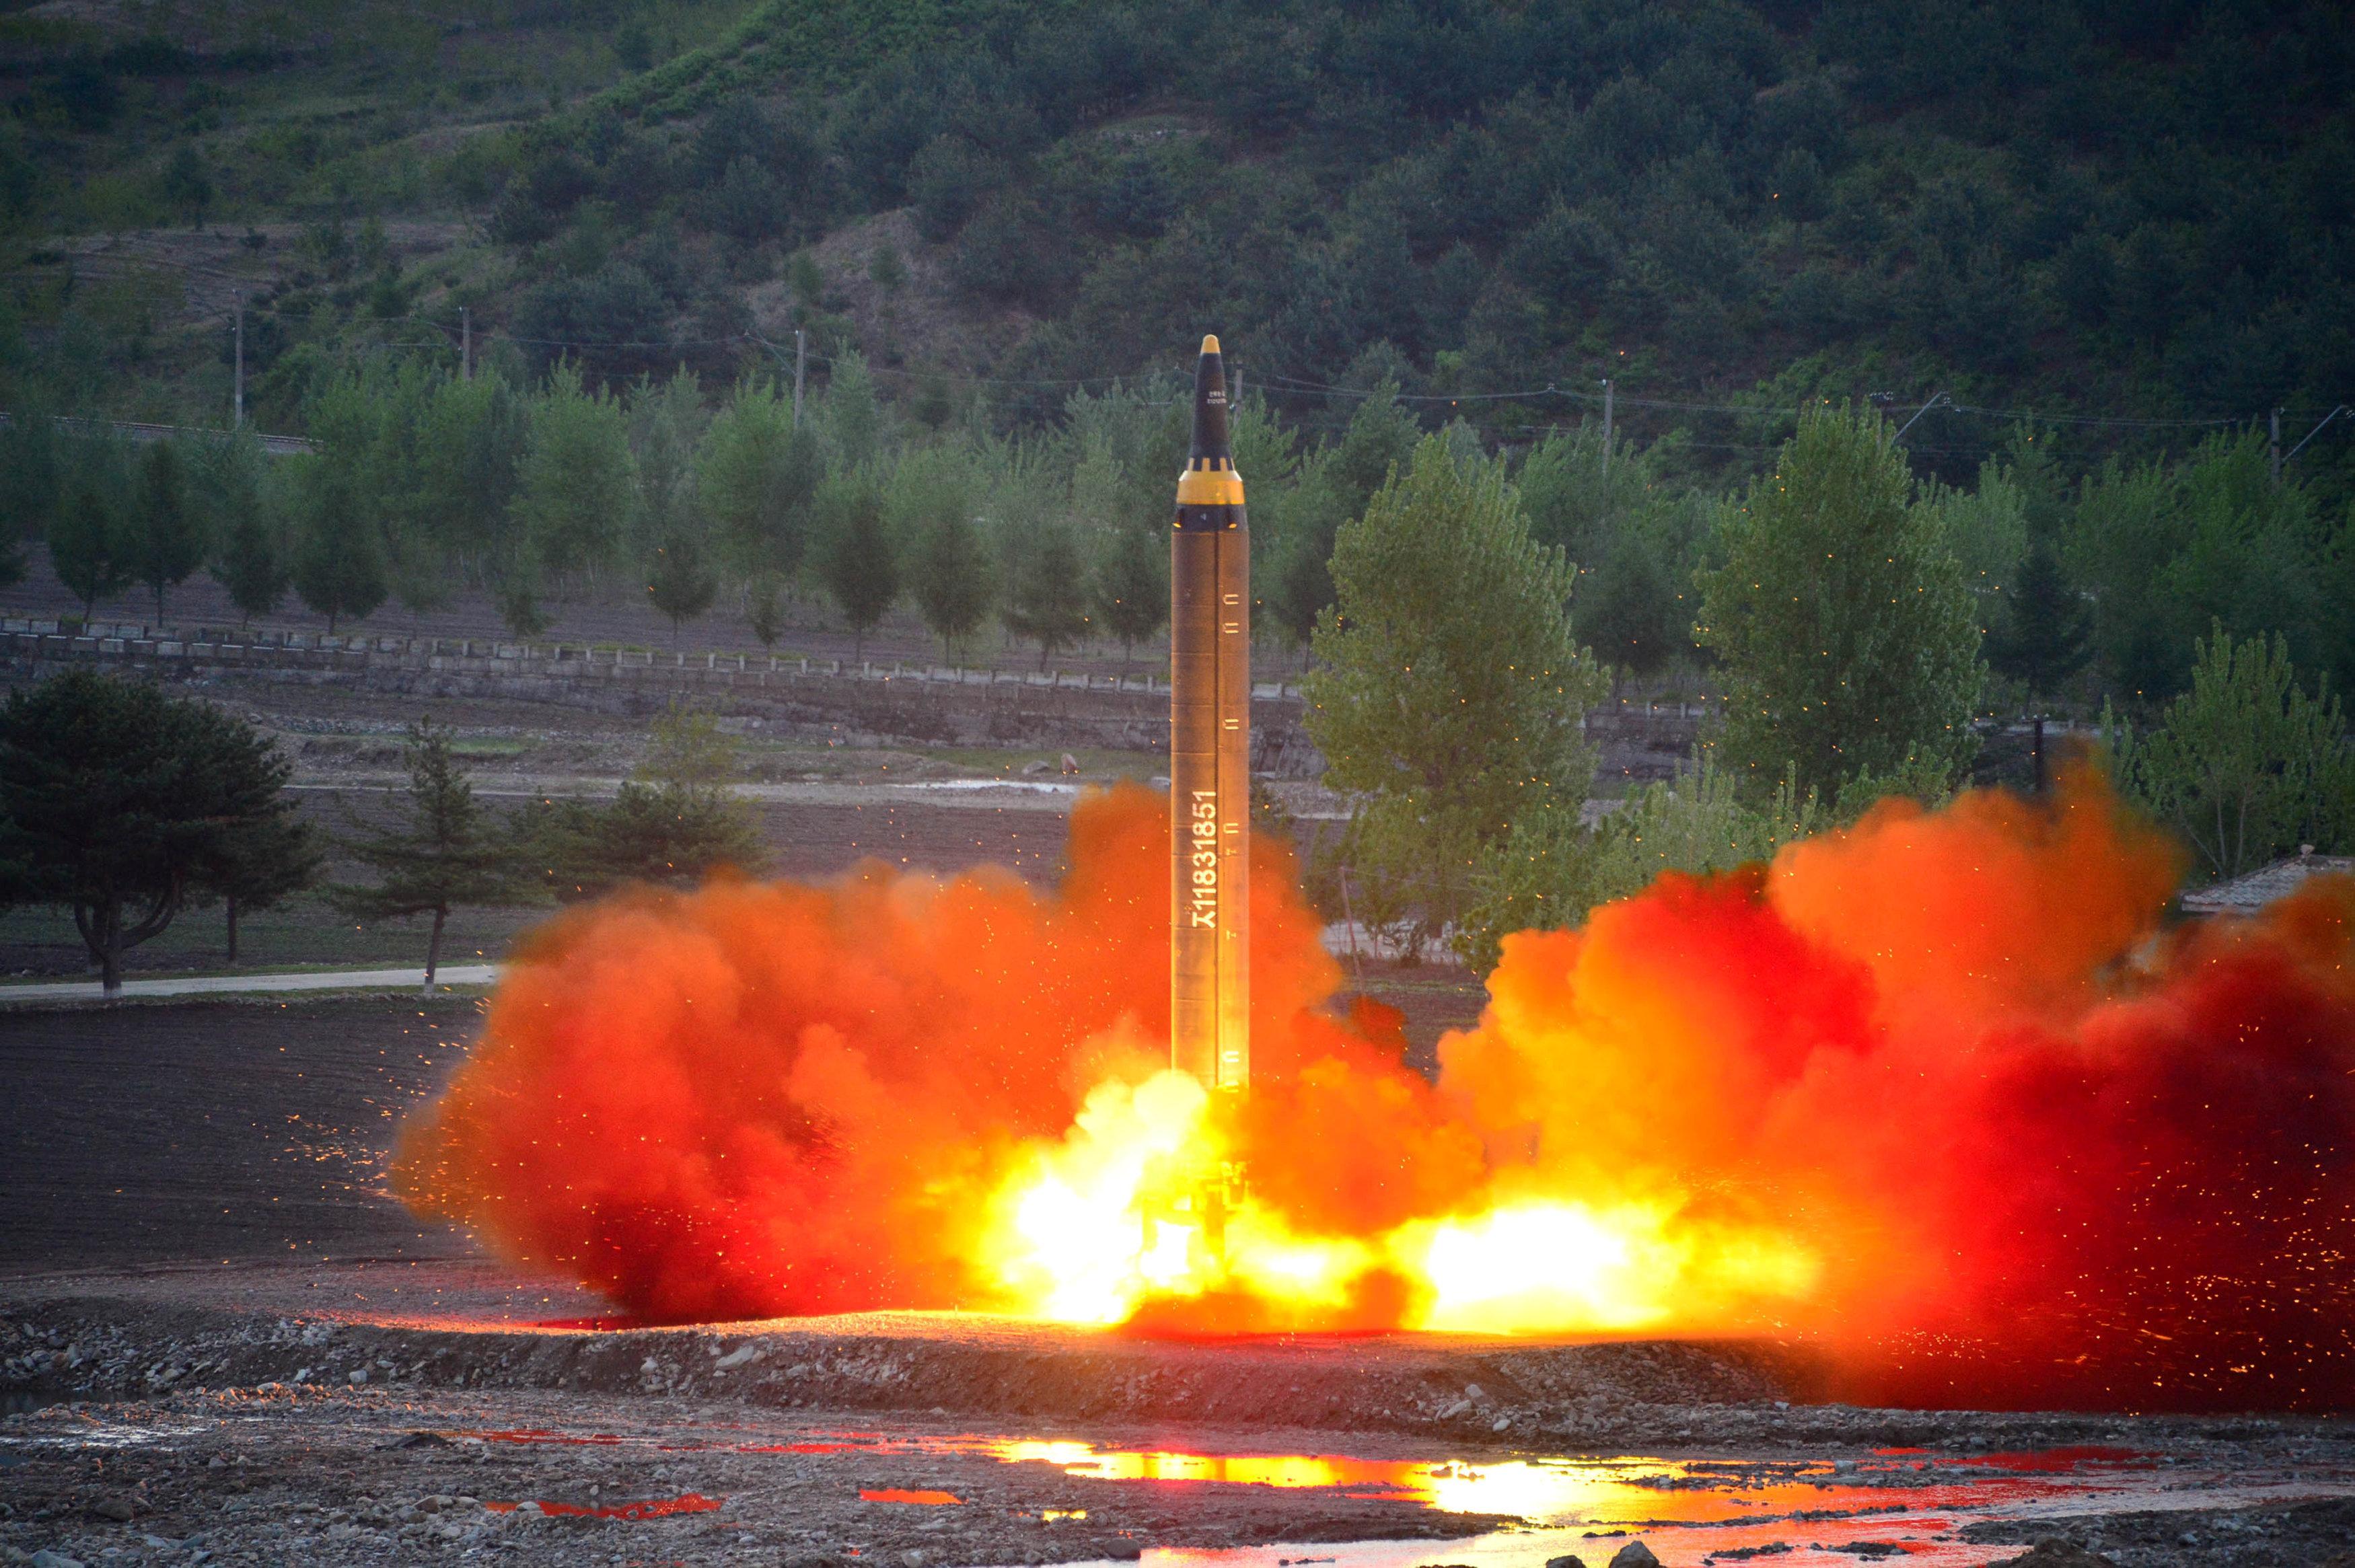 El misil Hwasong-12 (Mars-12), similar al Hwasong-14, en un test anterior. (Reuters)